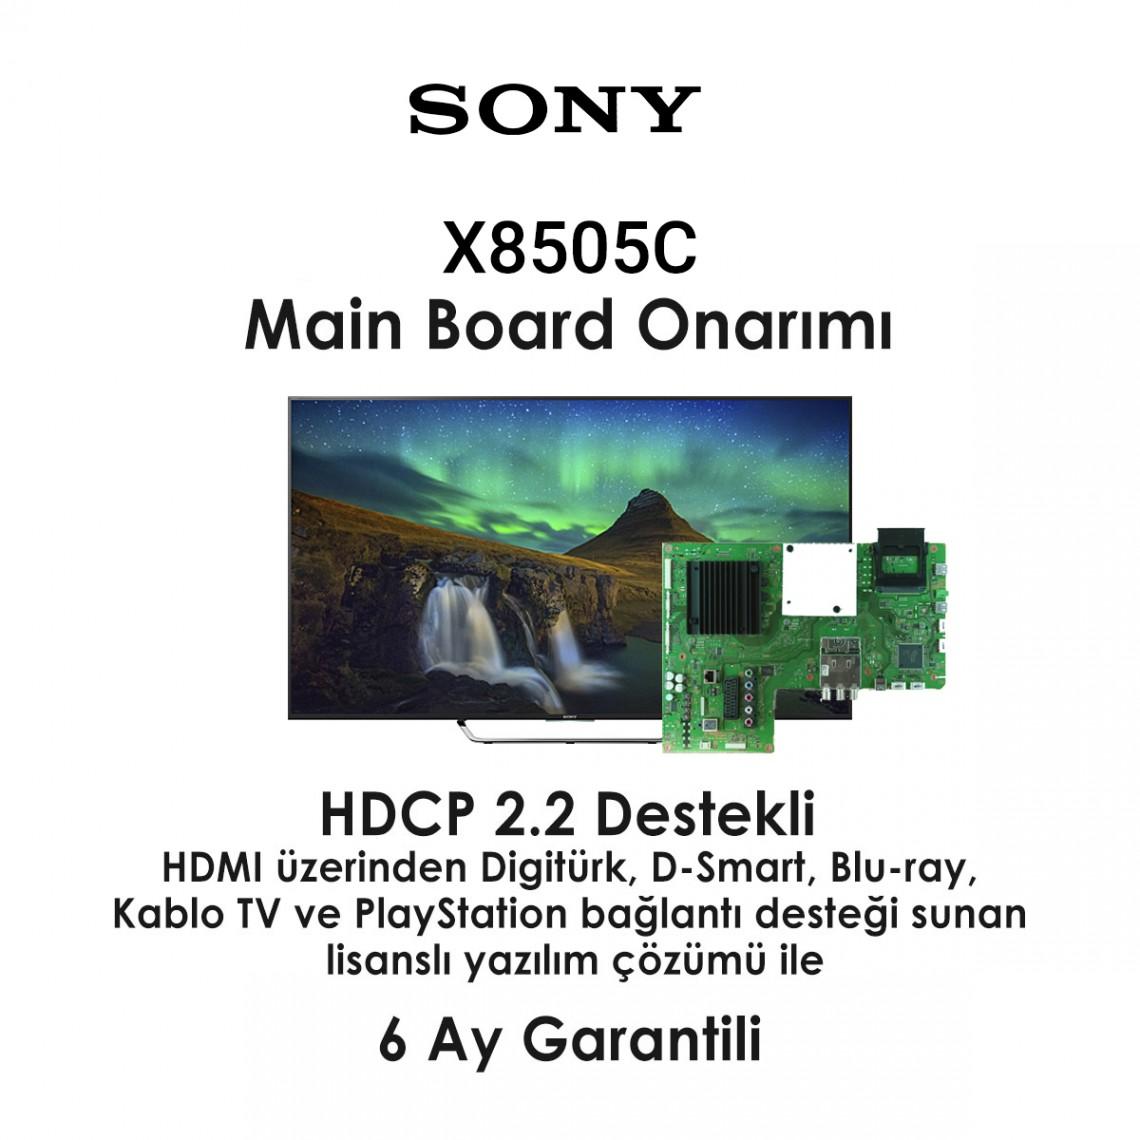 SONY, 1-894-596-21, 1-894-596-22, 55X8505C, Led TV, Main Board